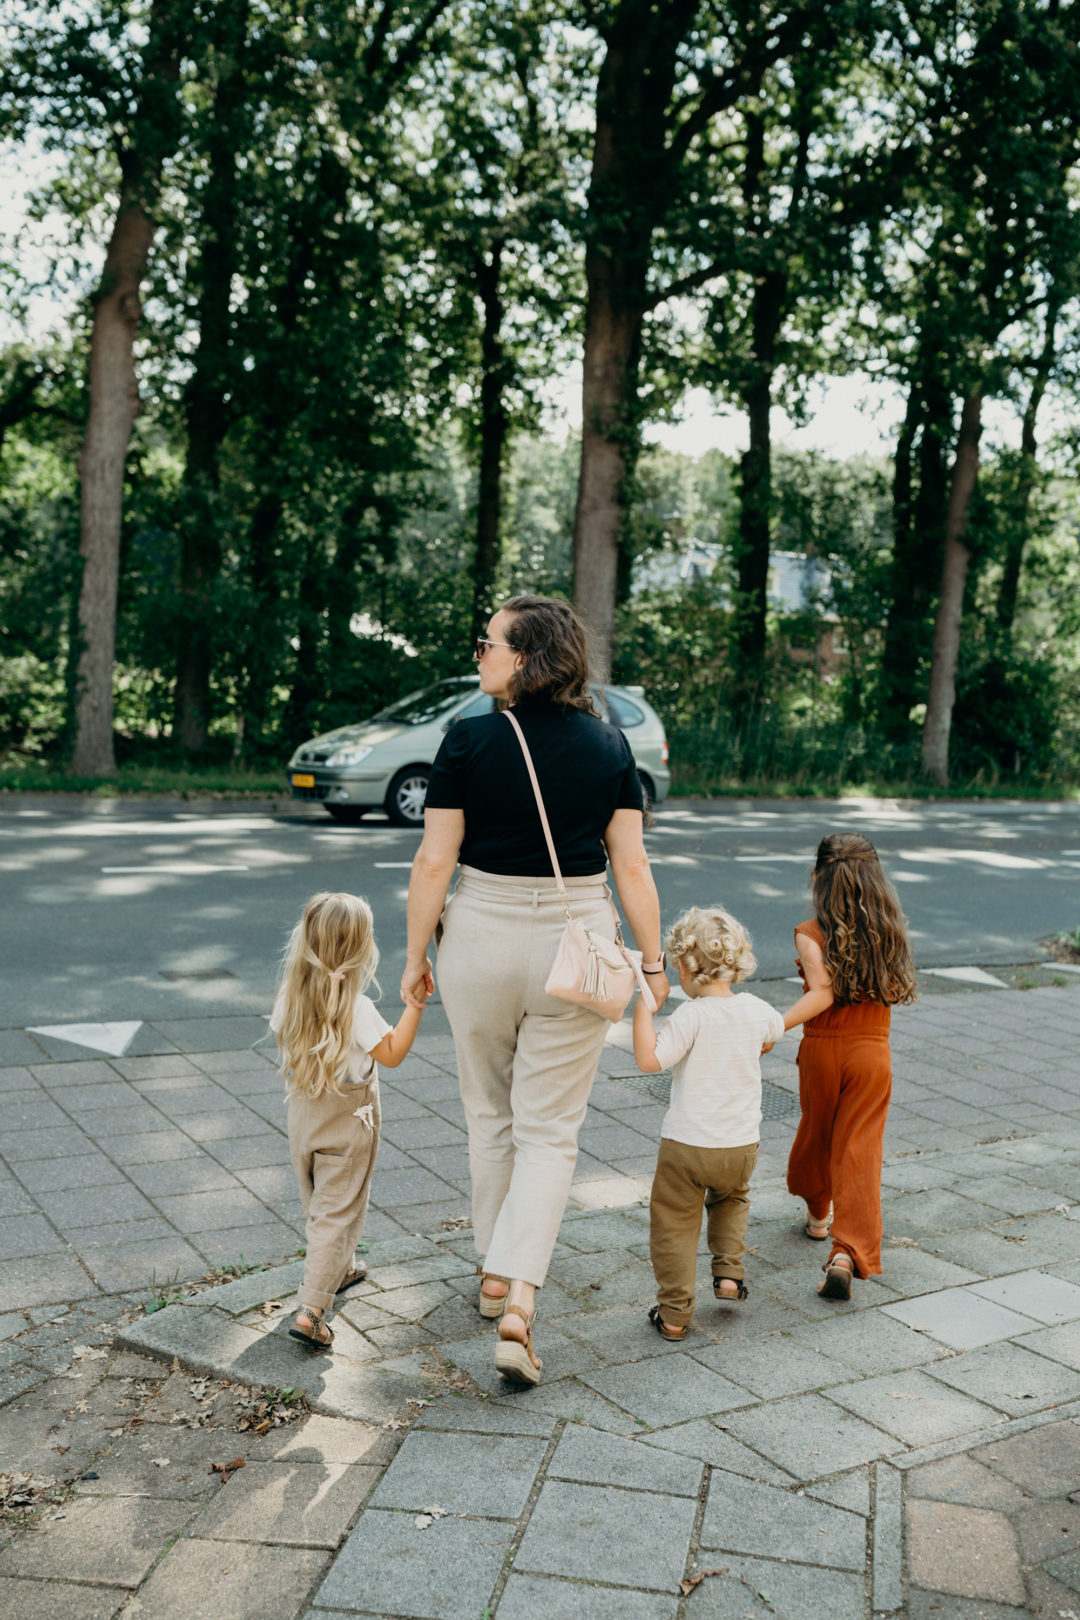 mamablog, mama van dijk, samenwerken, platform gezin